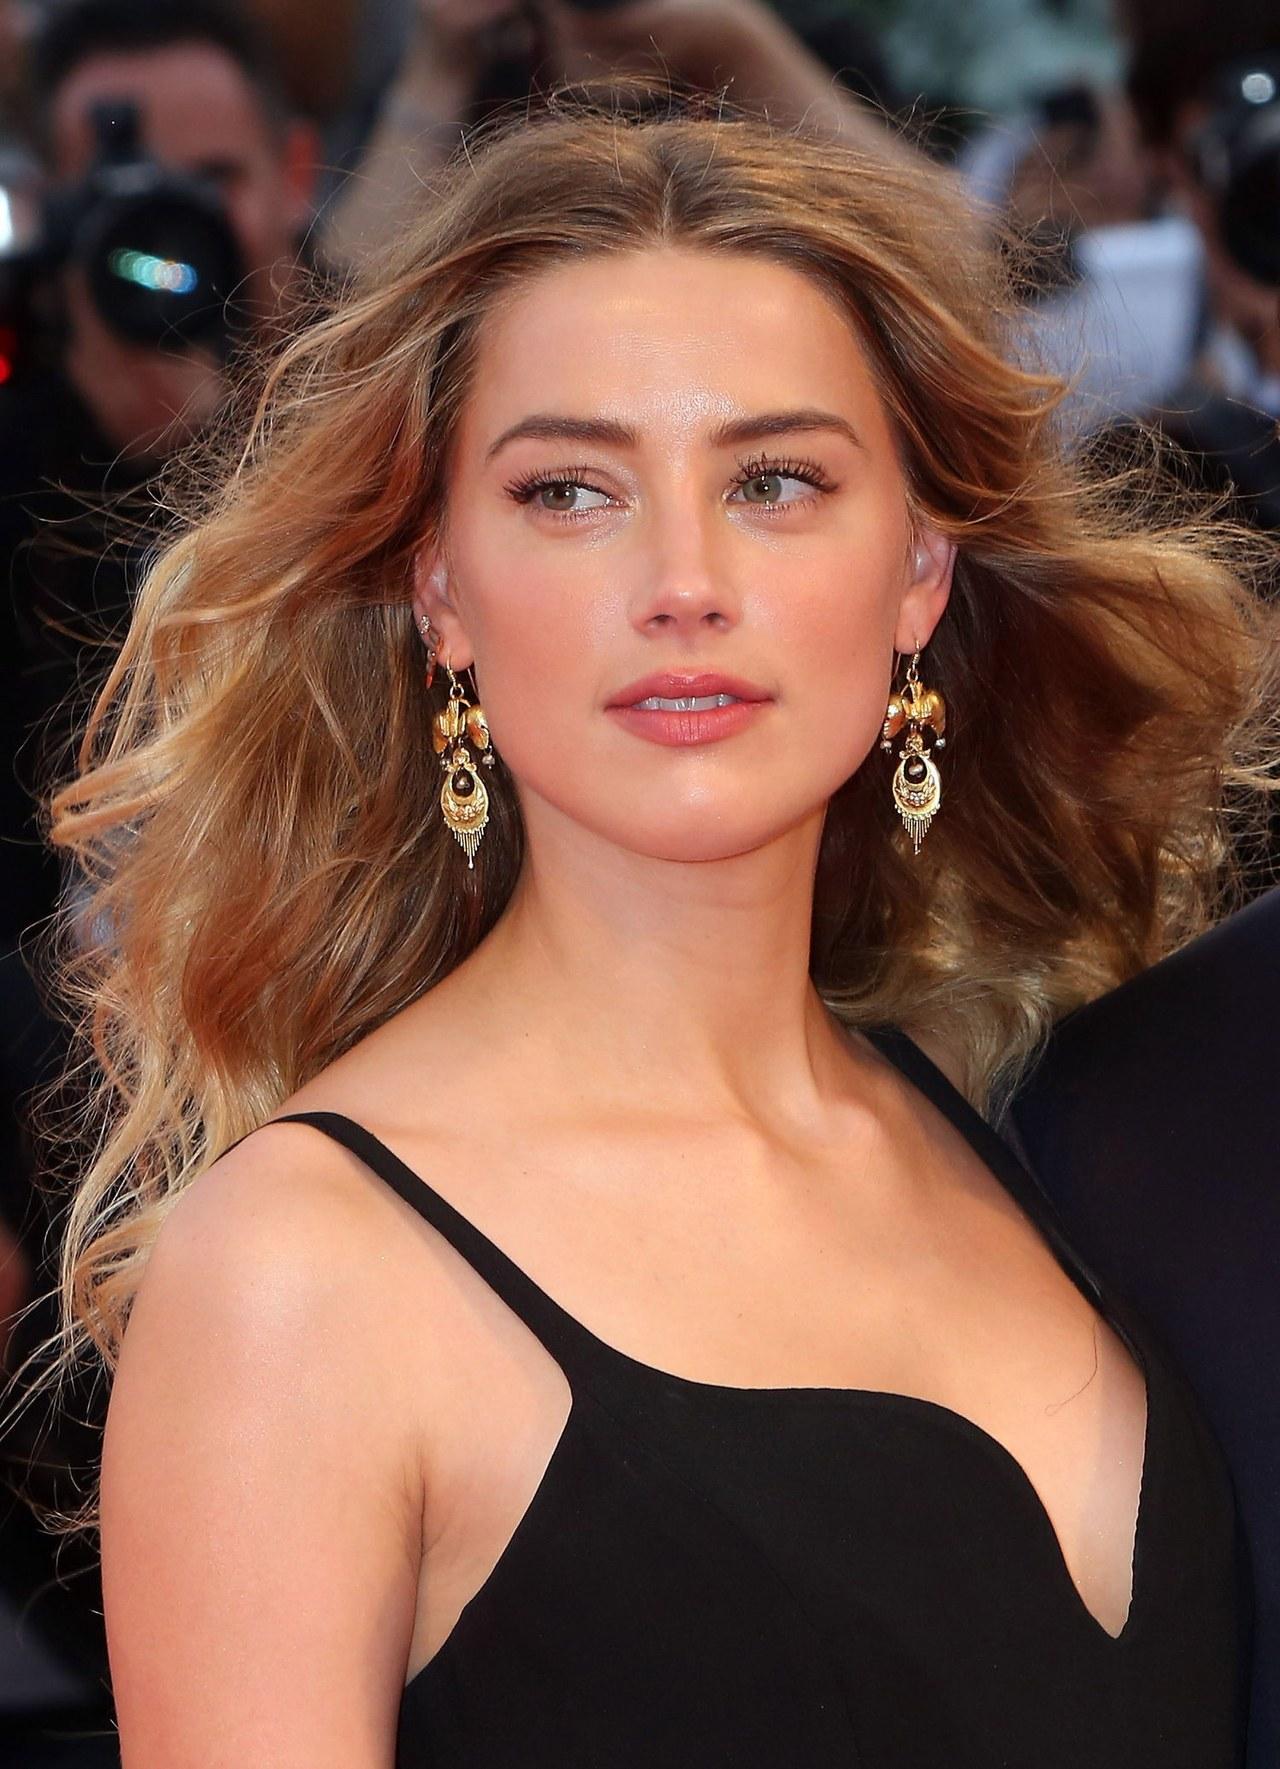 Gương mặt tỷ lệ vàng của Amber Heard cho phép cô phù hợp với hầu hết kiểu tóc và phong cách trang điểm.